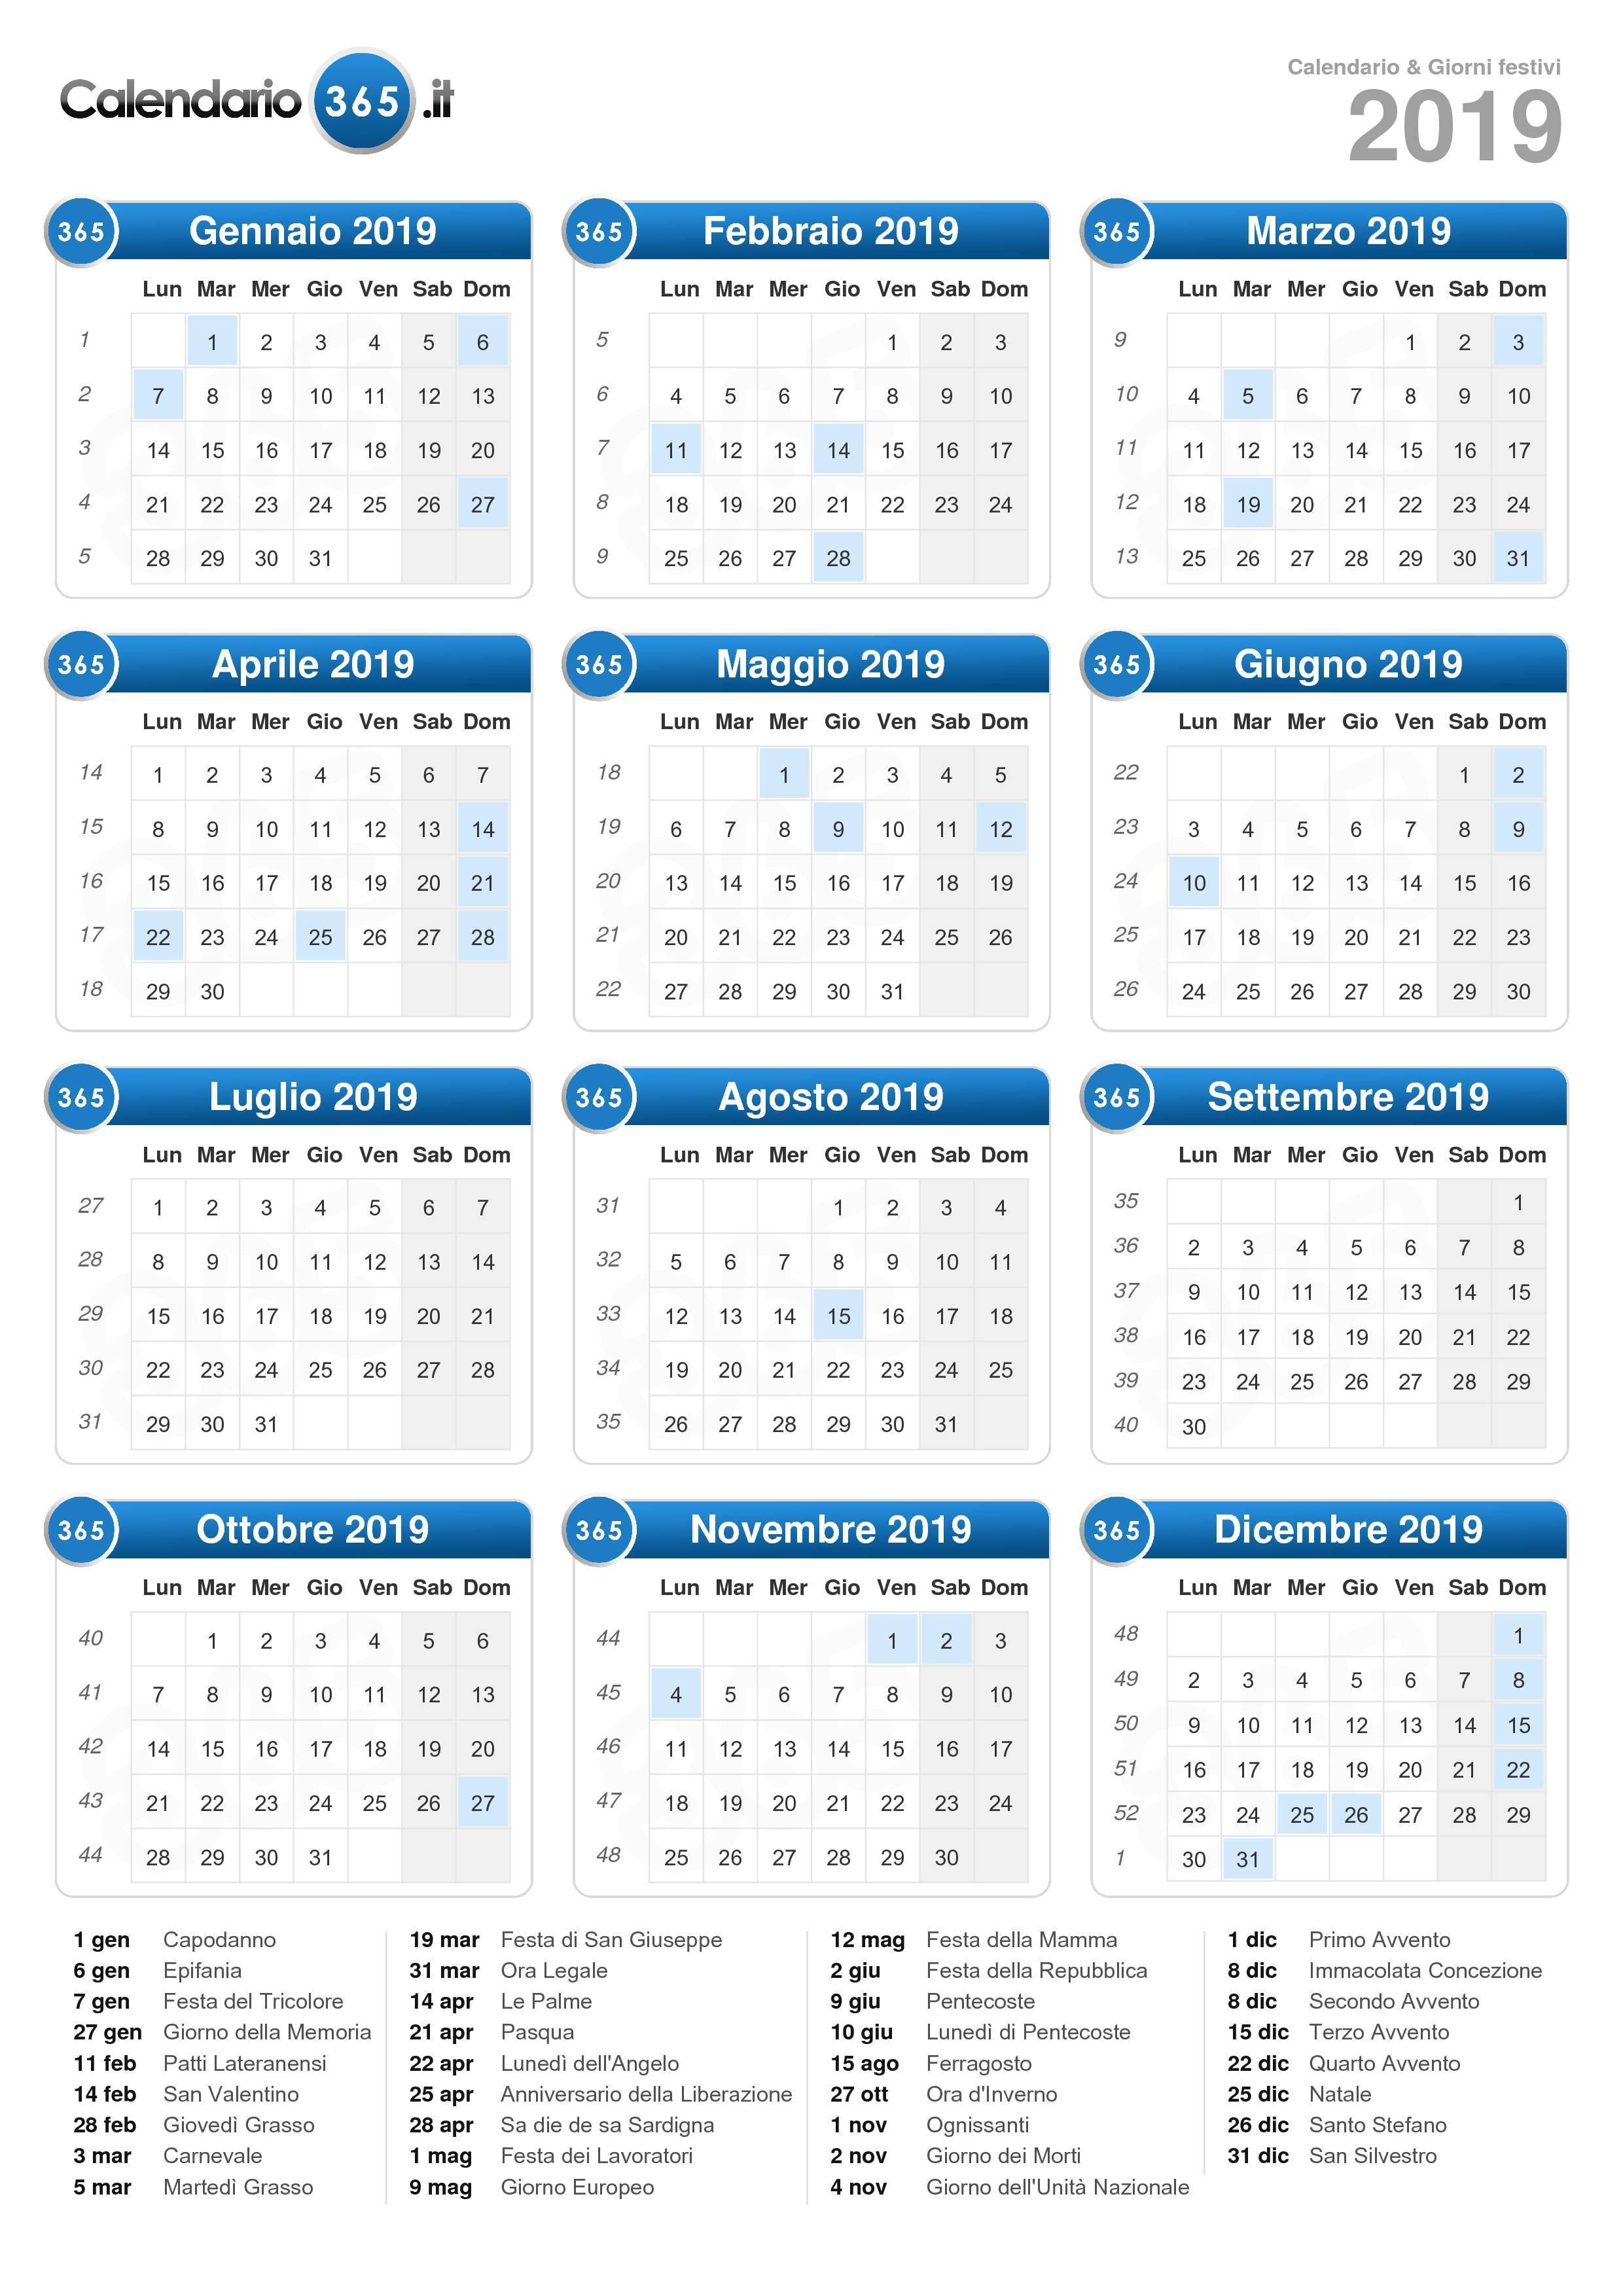 Calendario Annuale Da Stampare 2019.Calendario 2019